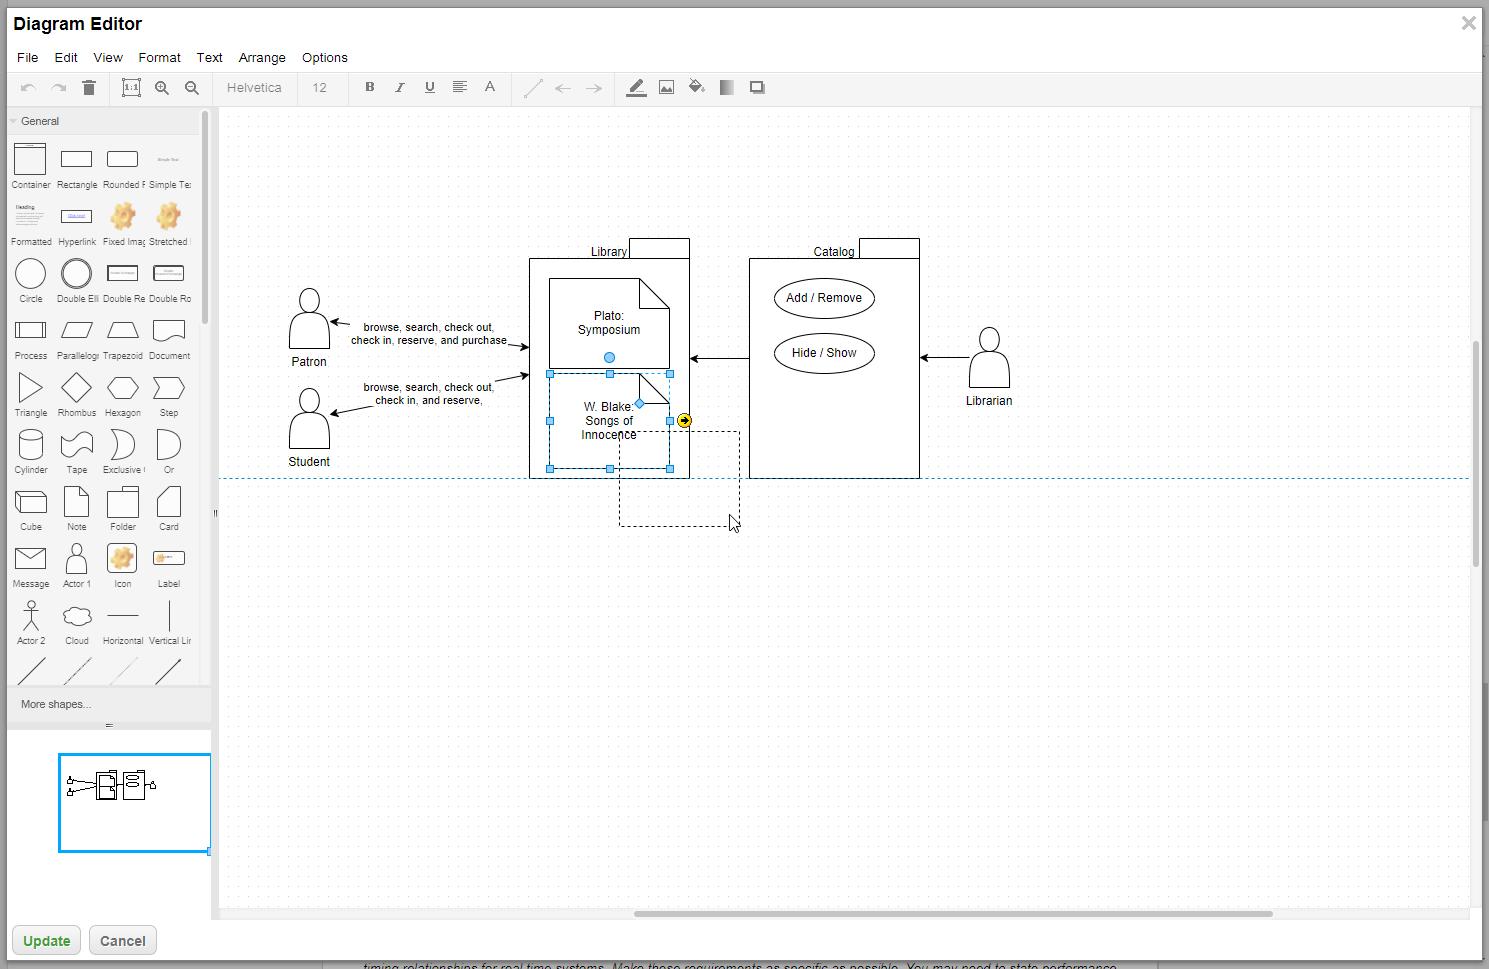 Abbildung 5 - Modellieren mit dem Diagram Editor